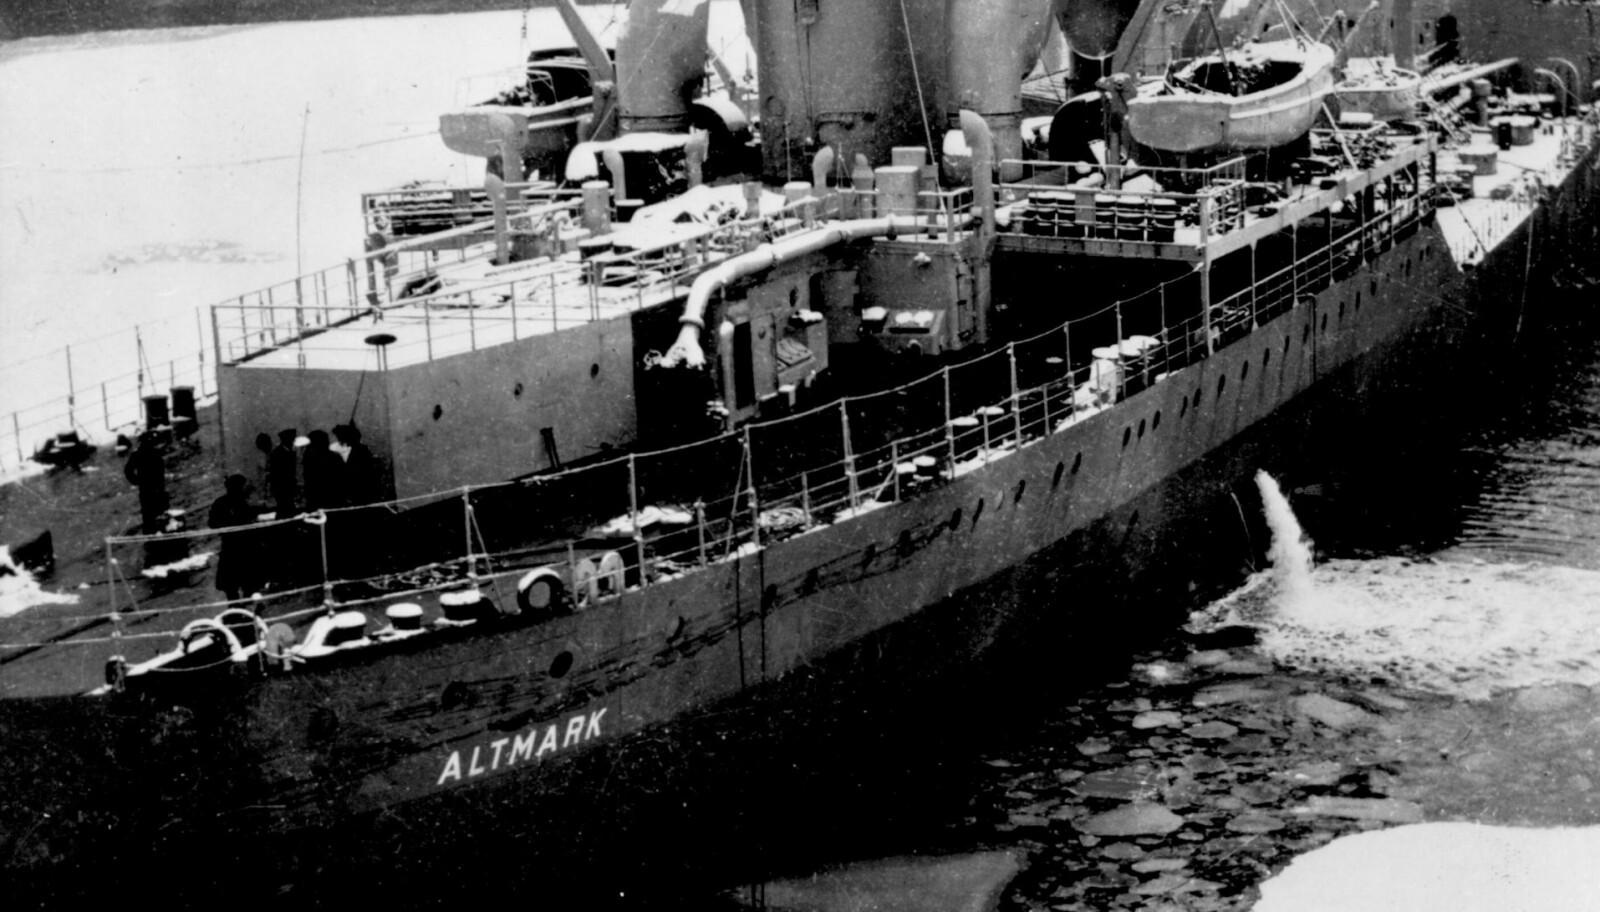 <b>PÅ GRUNN:</b> 10 dager etter dramaet lå Altmark fortsatt i Jøssingfjorden. Kaptein Dau greide å få den av grunna ved egen hjelp. Den kunne seiles til et verft i Sandefjord, der skuta ble satt i såpass stand at den kunne tåle turen til Kiel. Altmark forlot Norge først den 22. mars.